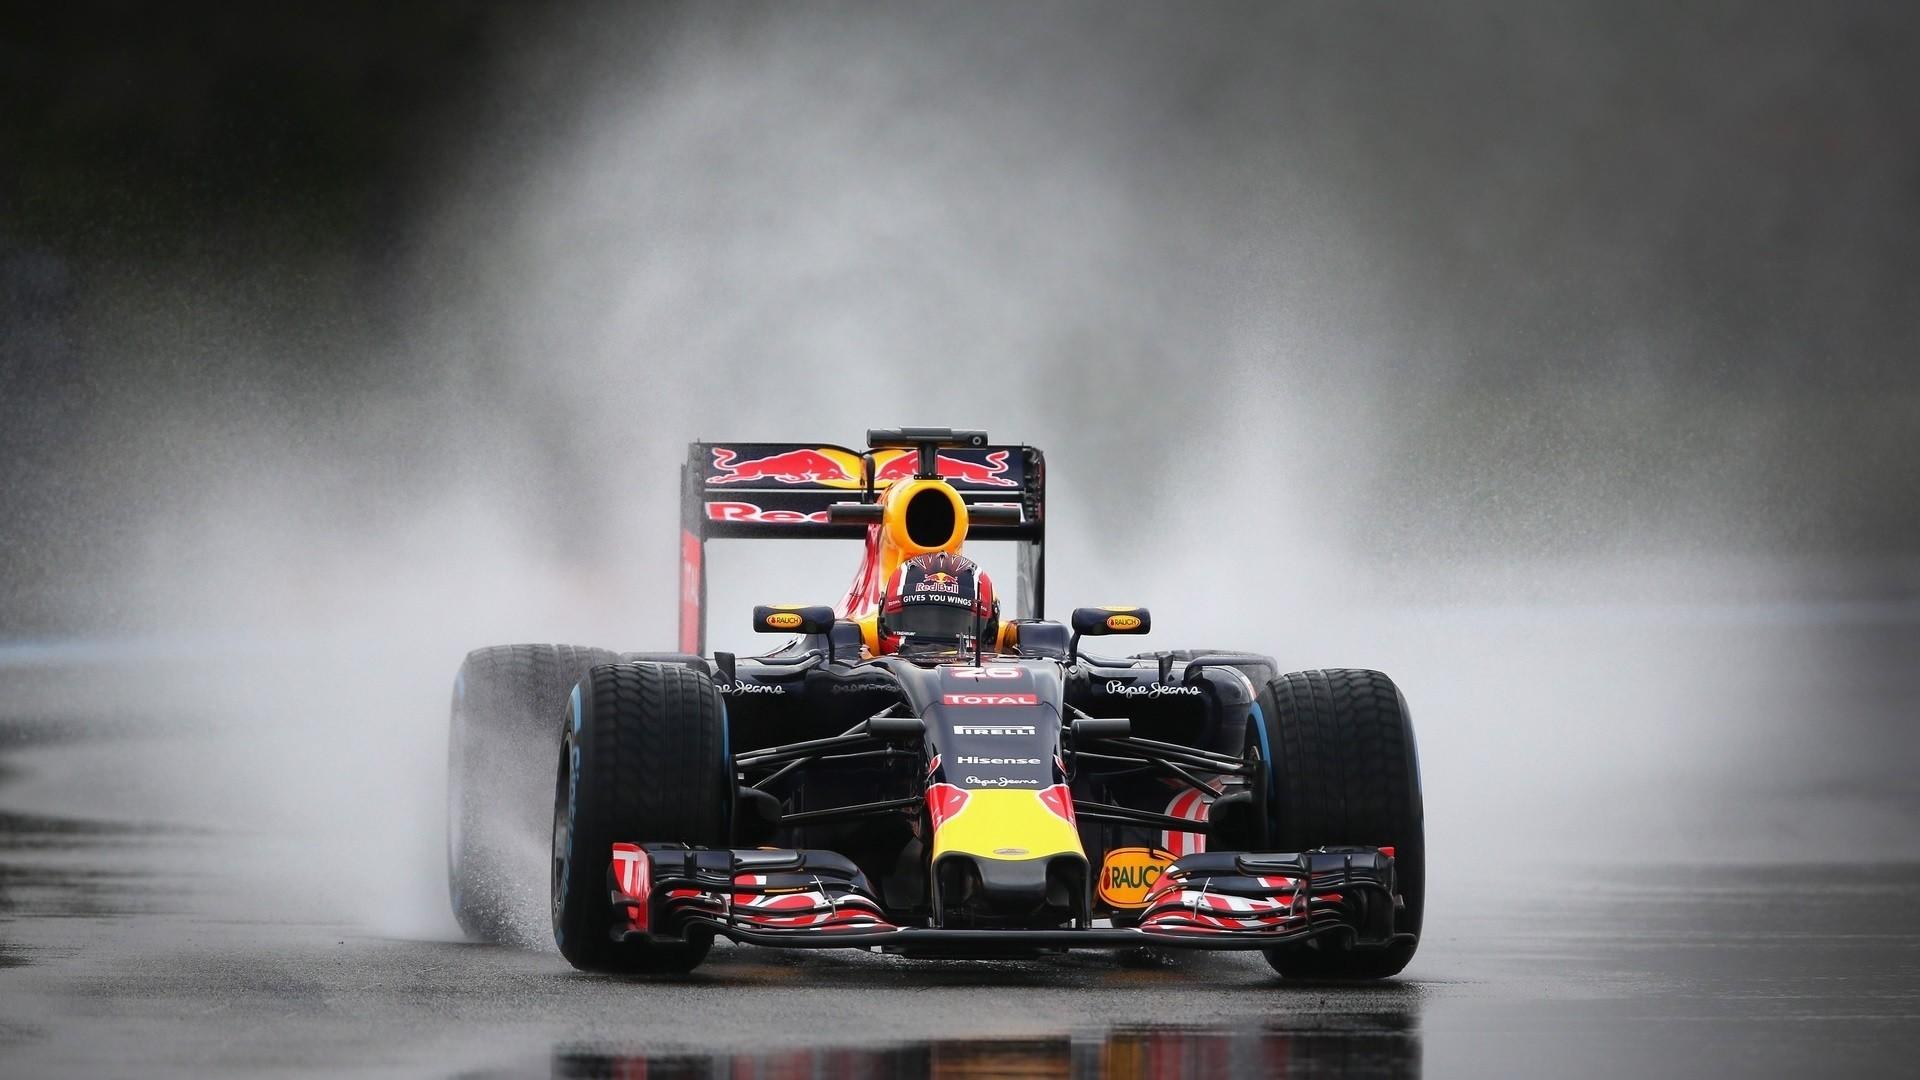 Formula 1 a wallpaper